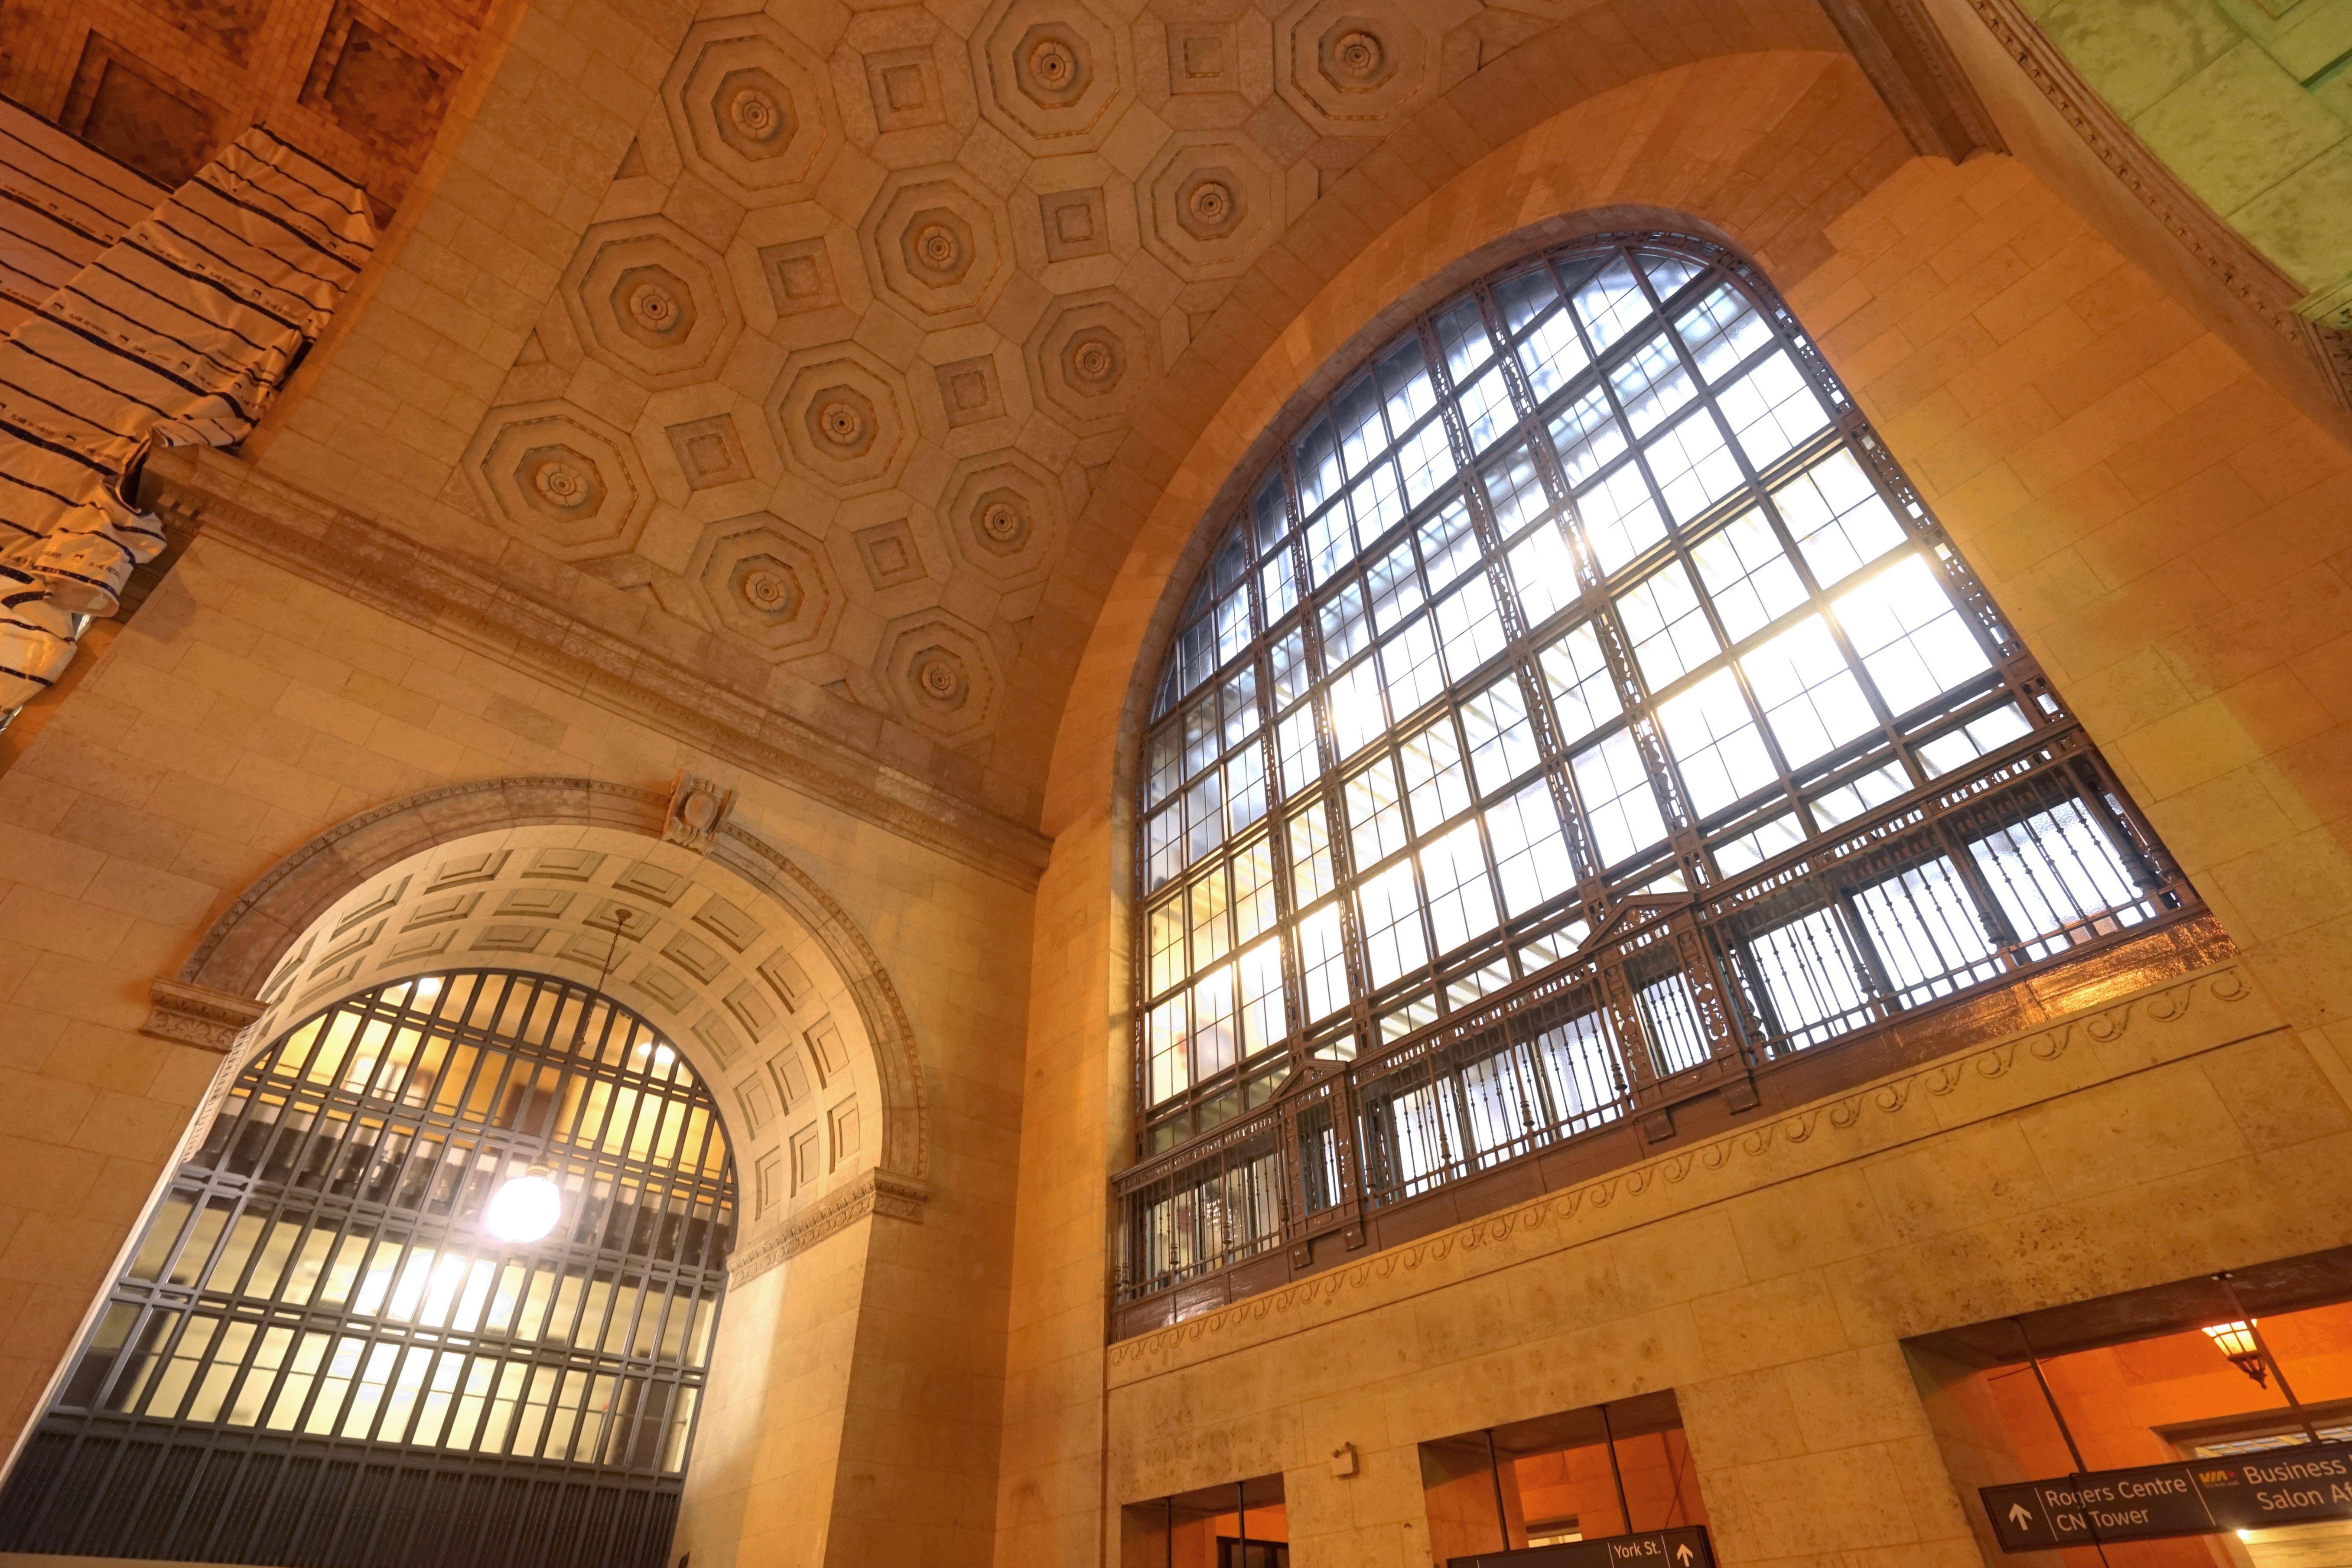 特别推荐坐地铁,因为可以看到多伦多最著名火车站漂亮的建筑.图片